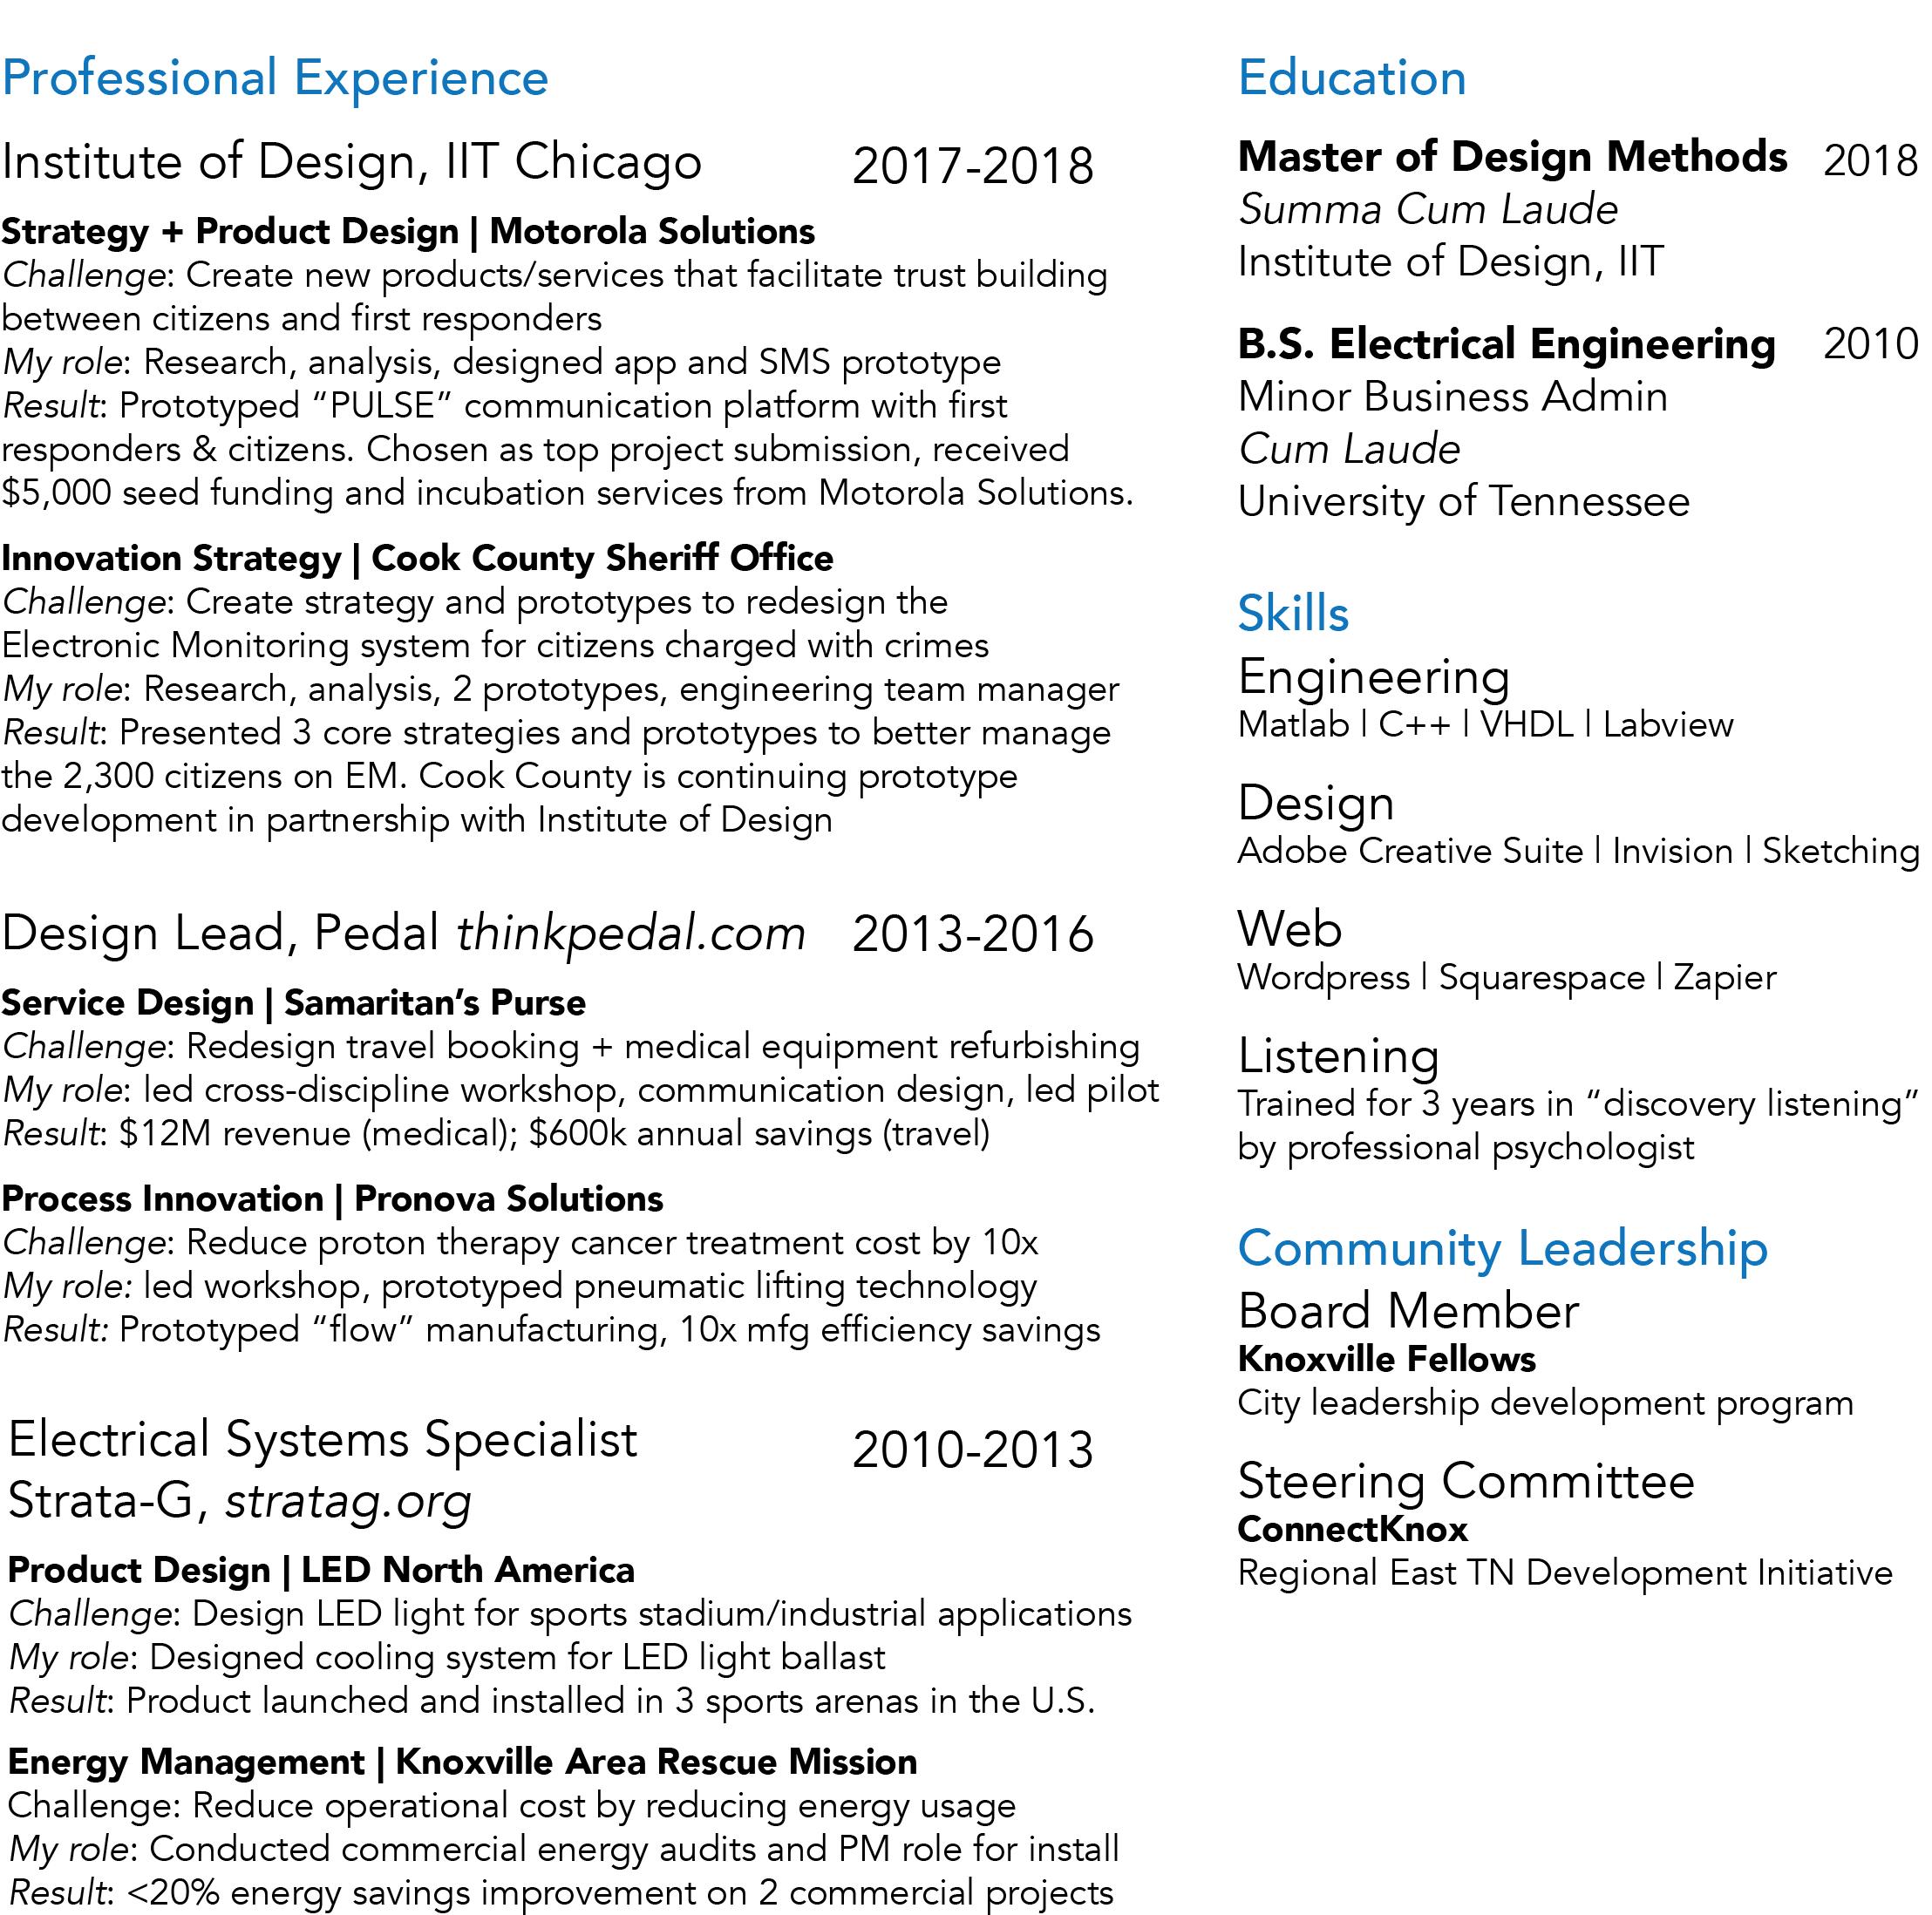 nowebsite_terrill_resume.png